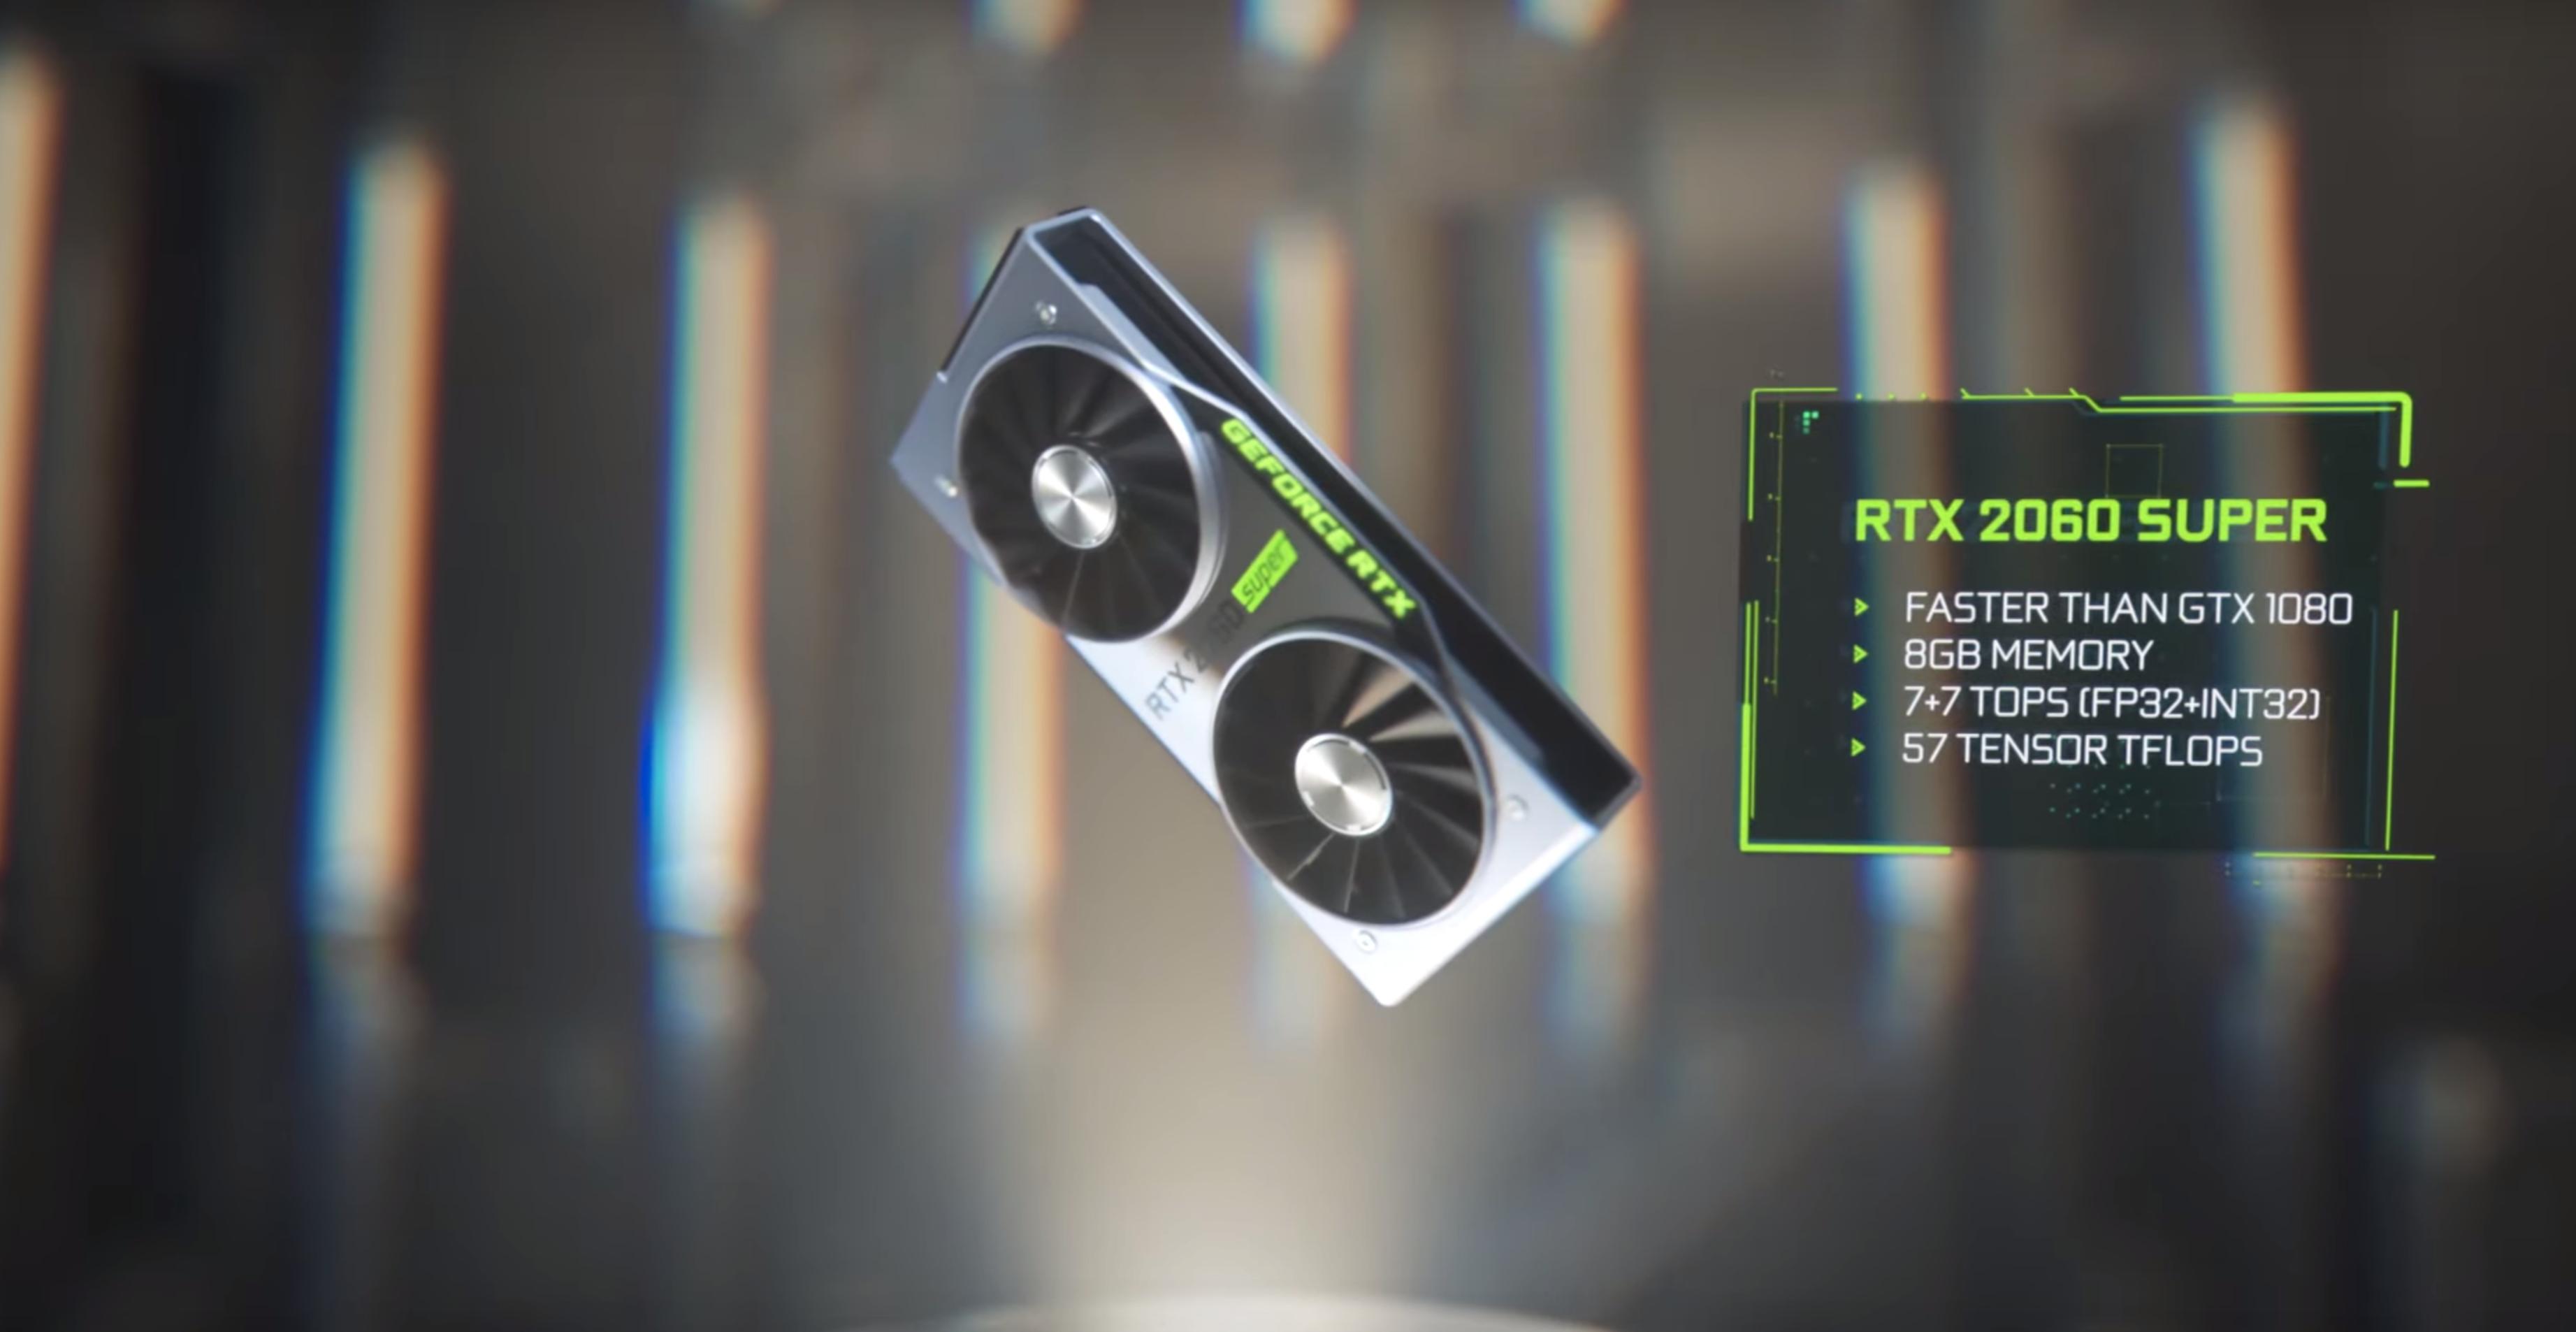 Nye RTX 2060 Super.